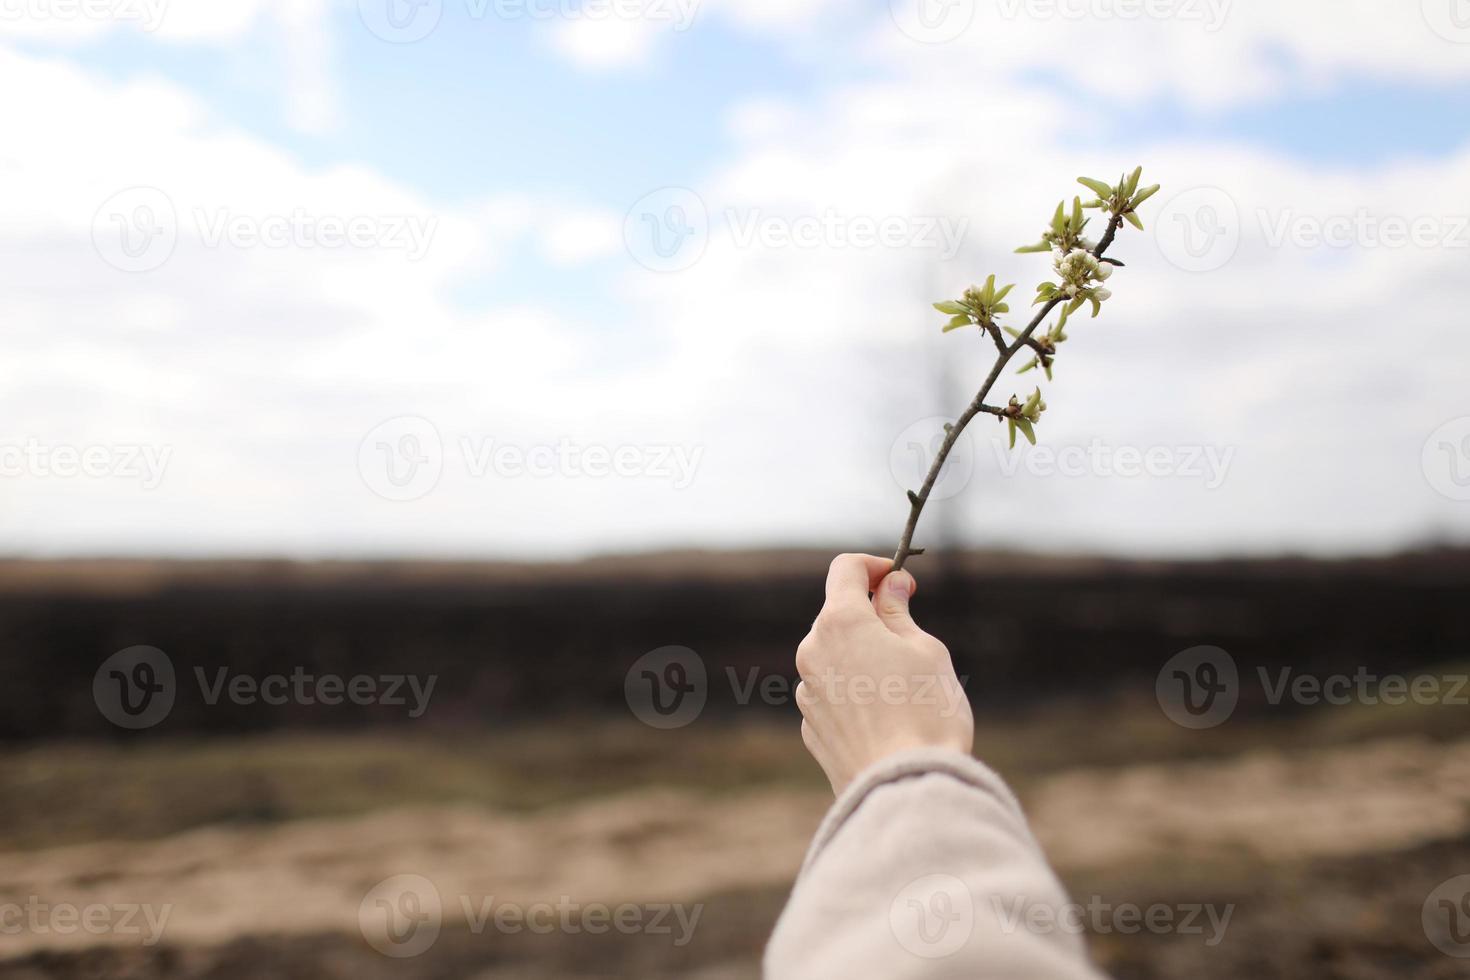 kvinnlig hand håller en grön kvist på en bakgrund av bränt gräs och himmel. föroreningar och återställande av ekologi foto